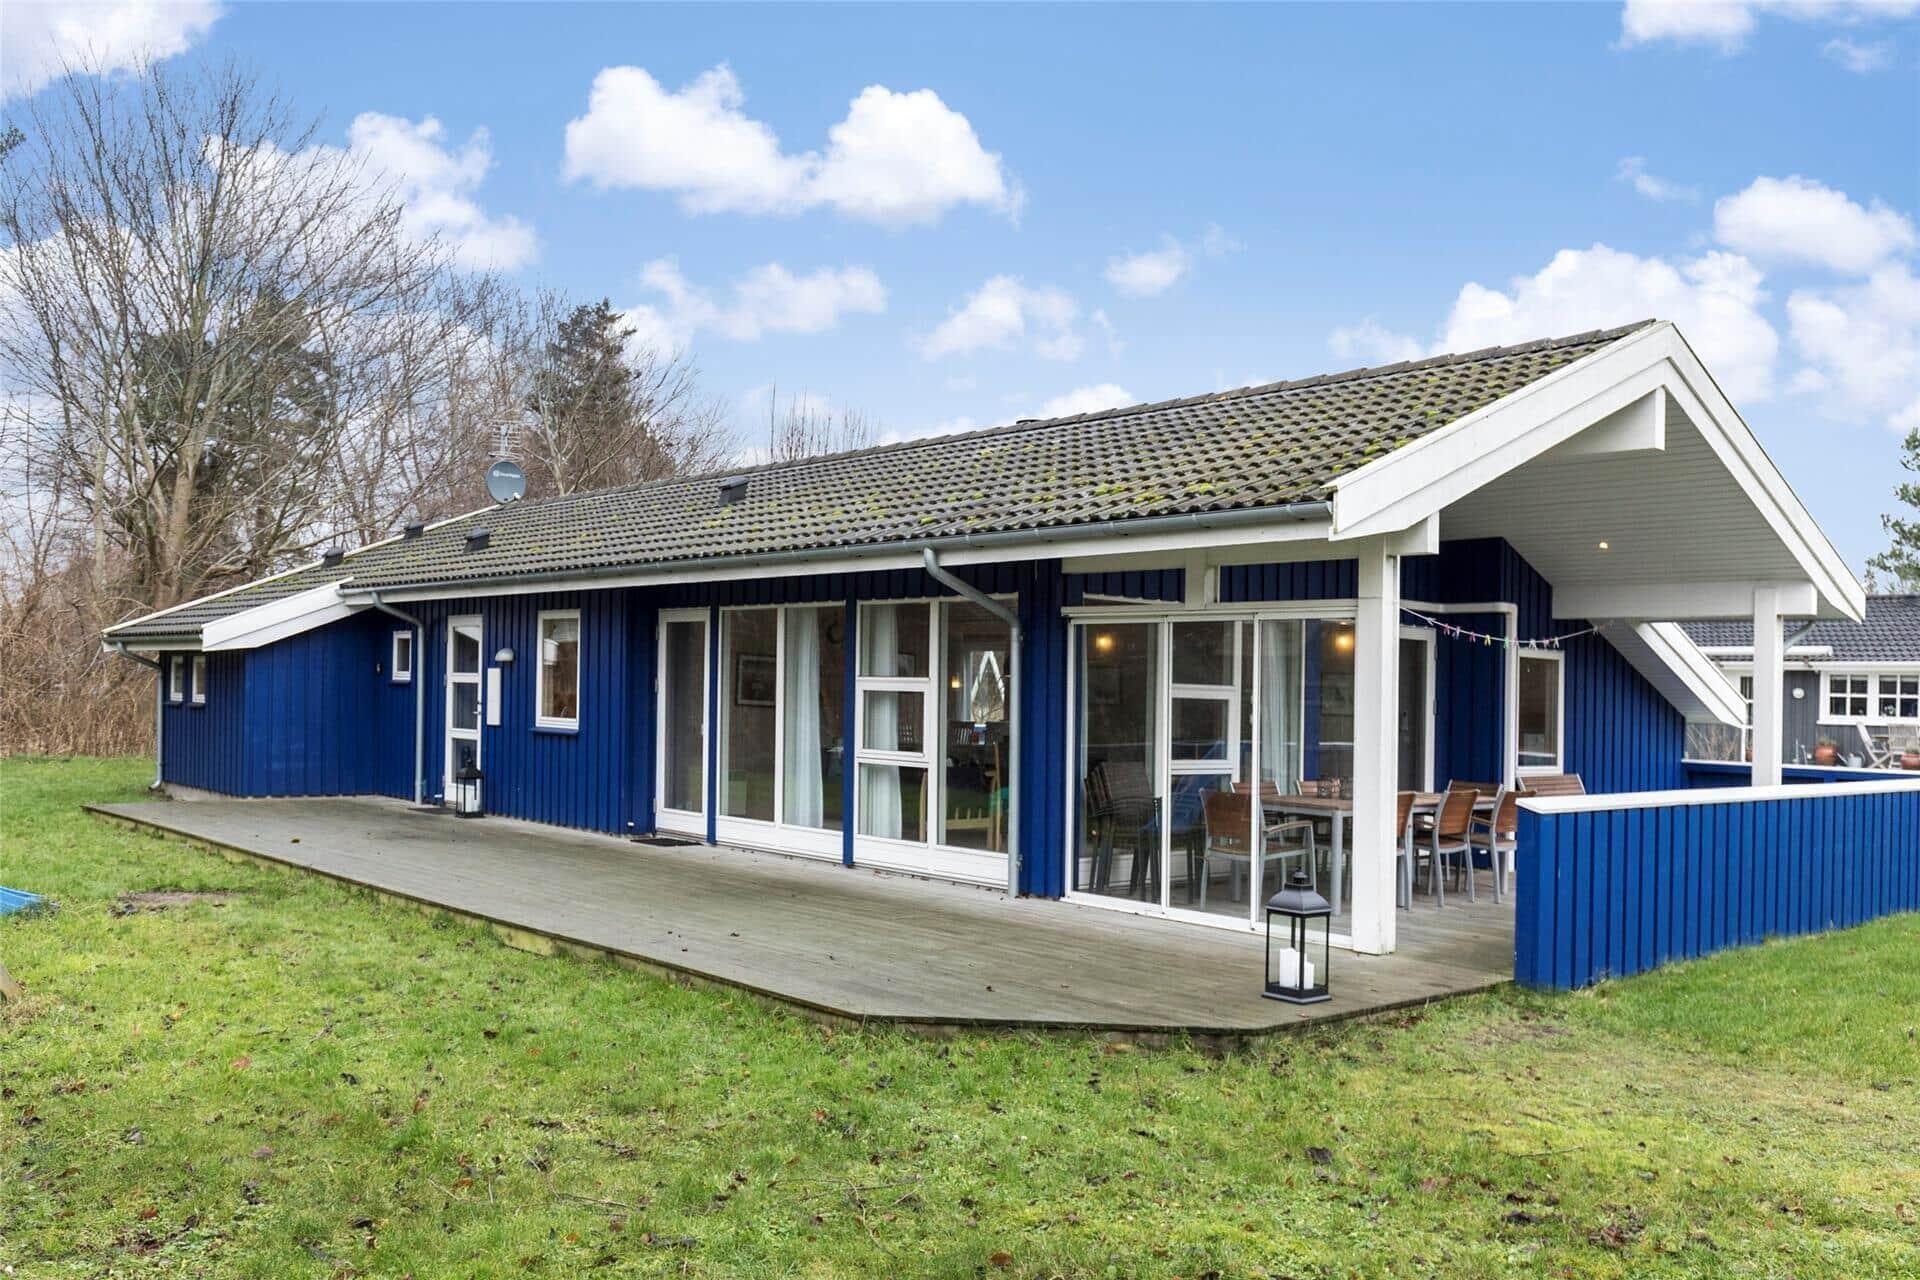 Billede 1-17 Sommerhus 13392, Herlufholmsvej 13, DK - 4573 Højby